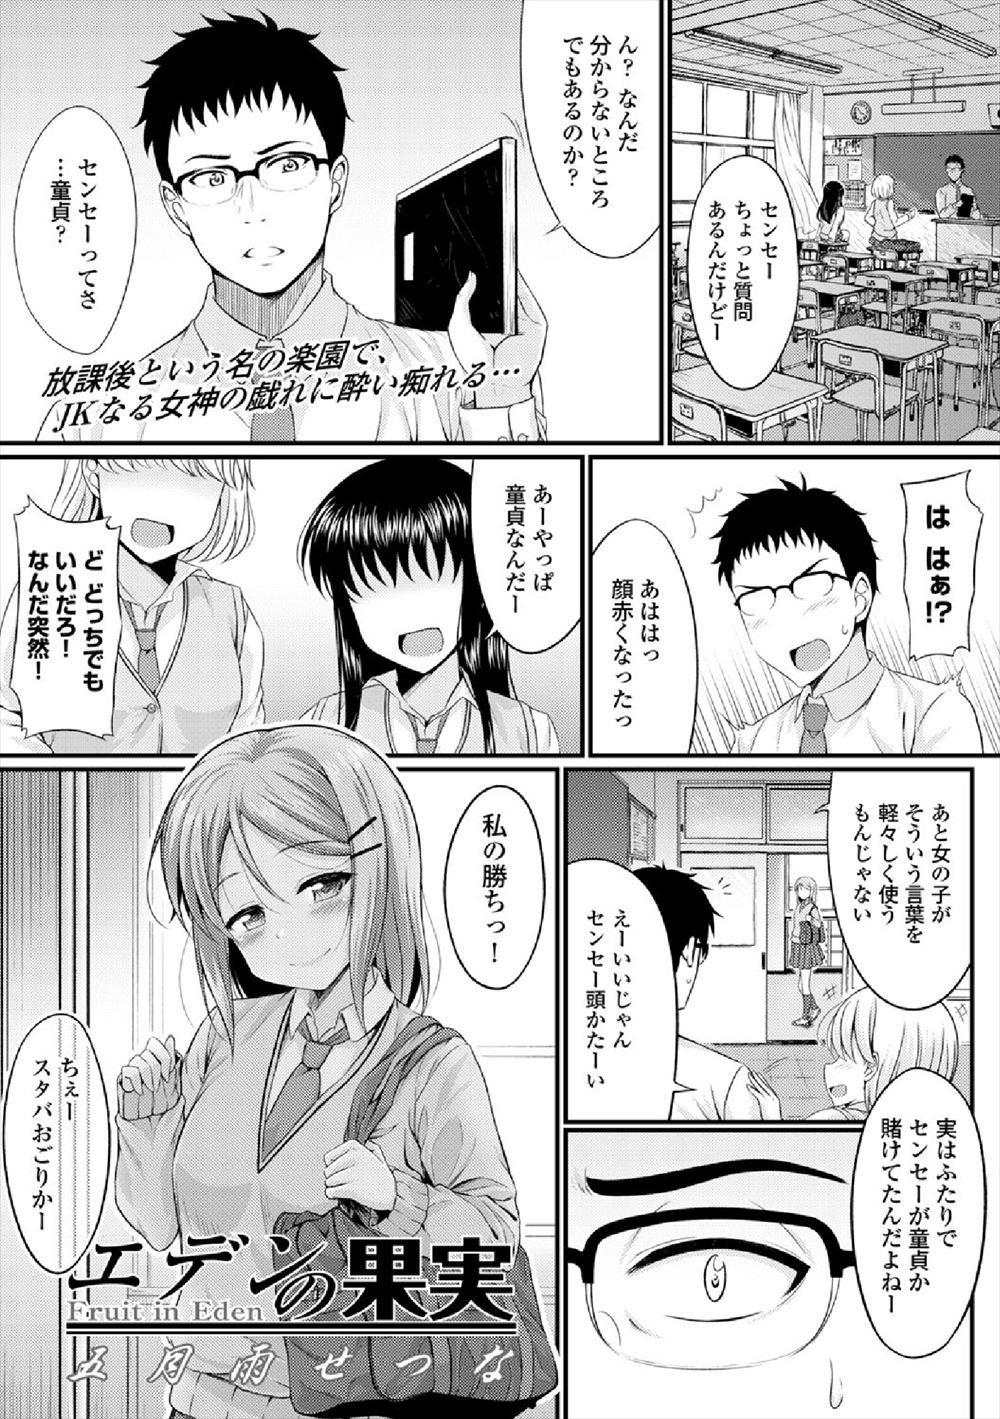 [五月雨せつな] エデンの果実 (1)